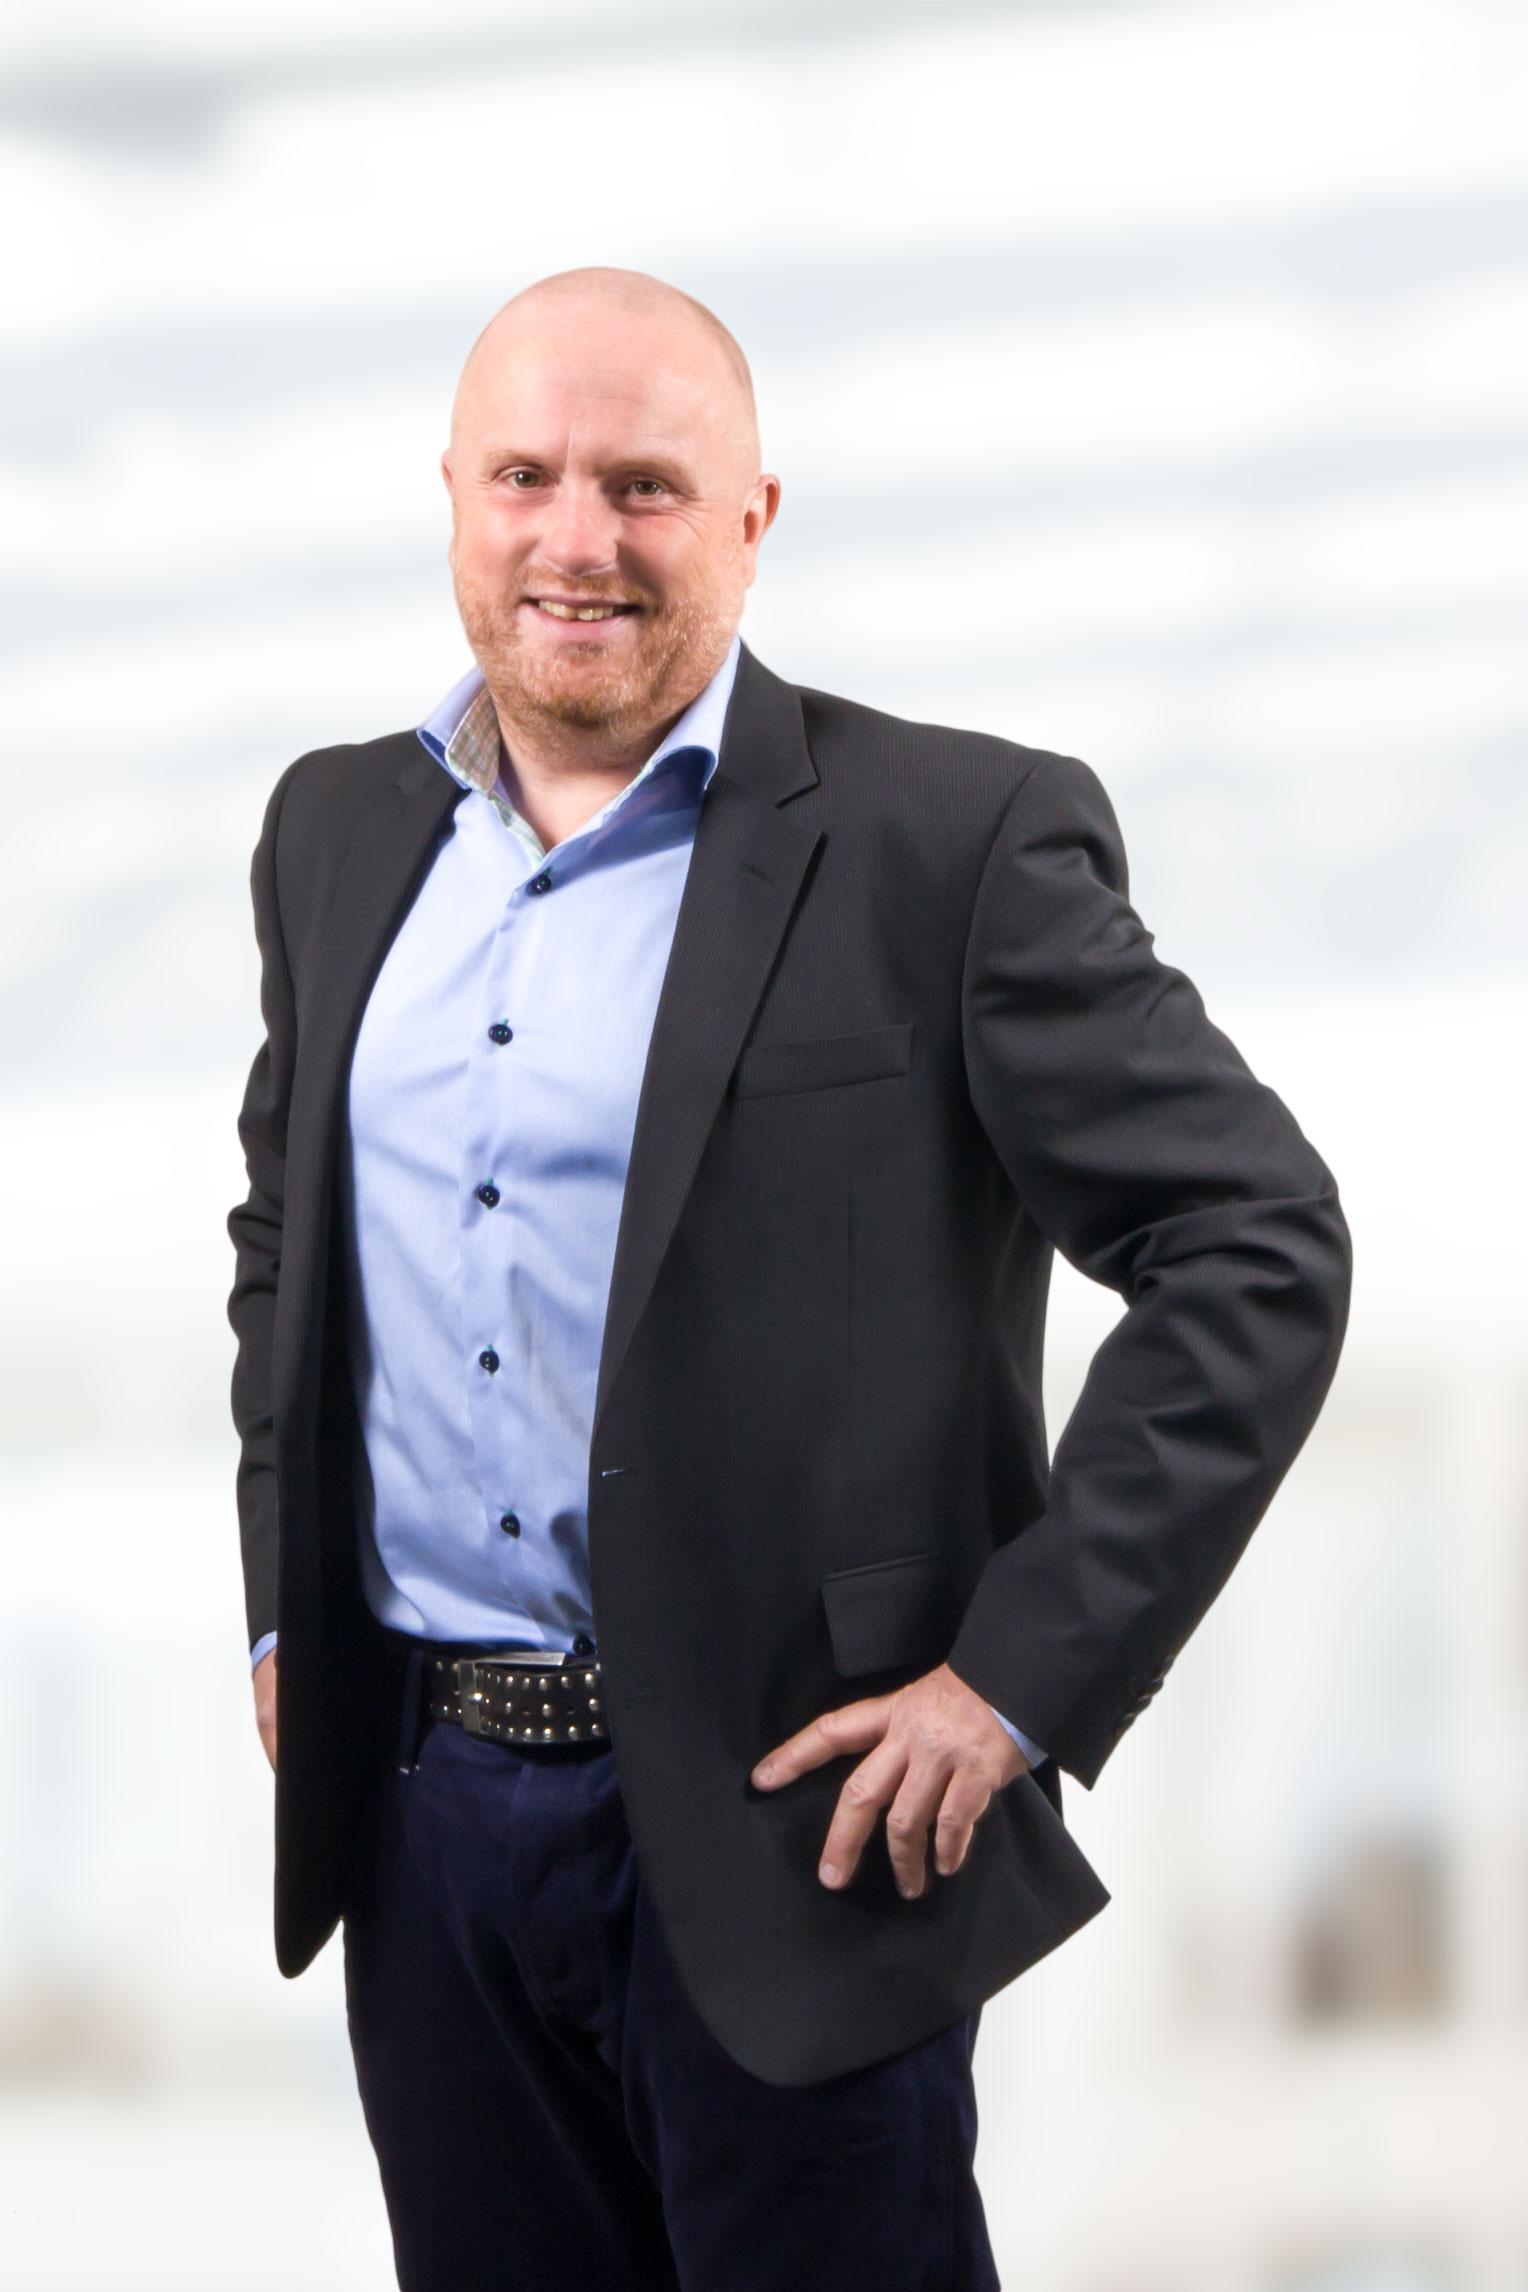 Tormod Johansen